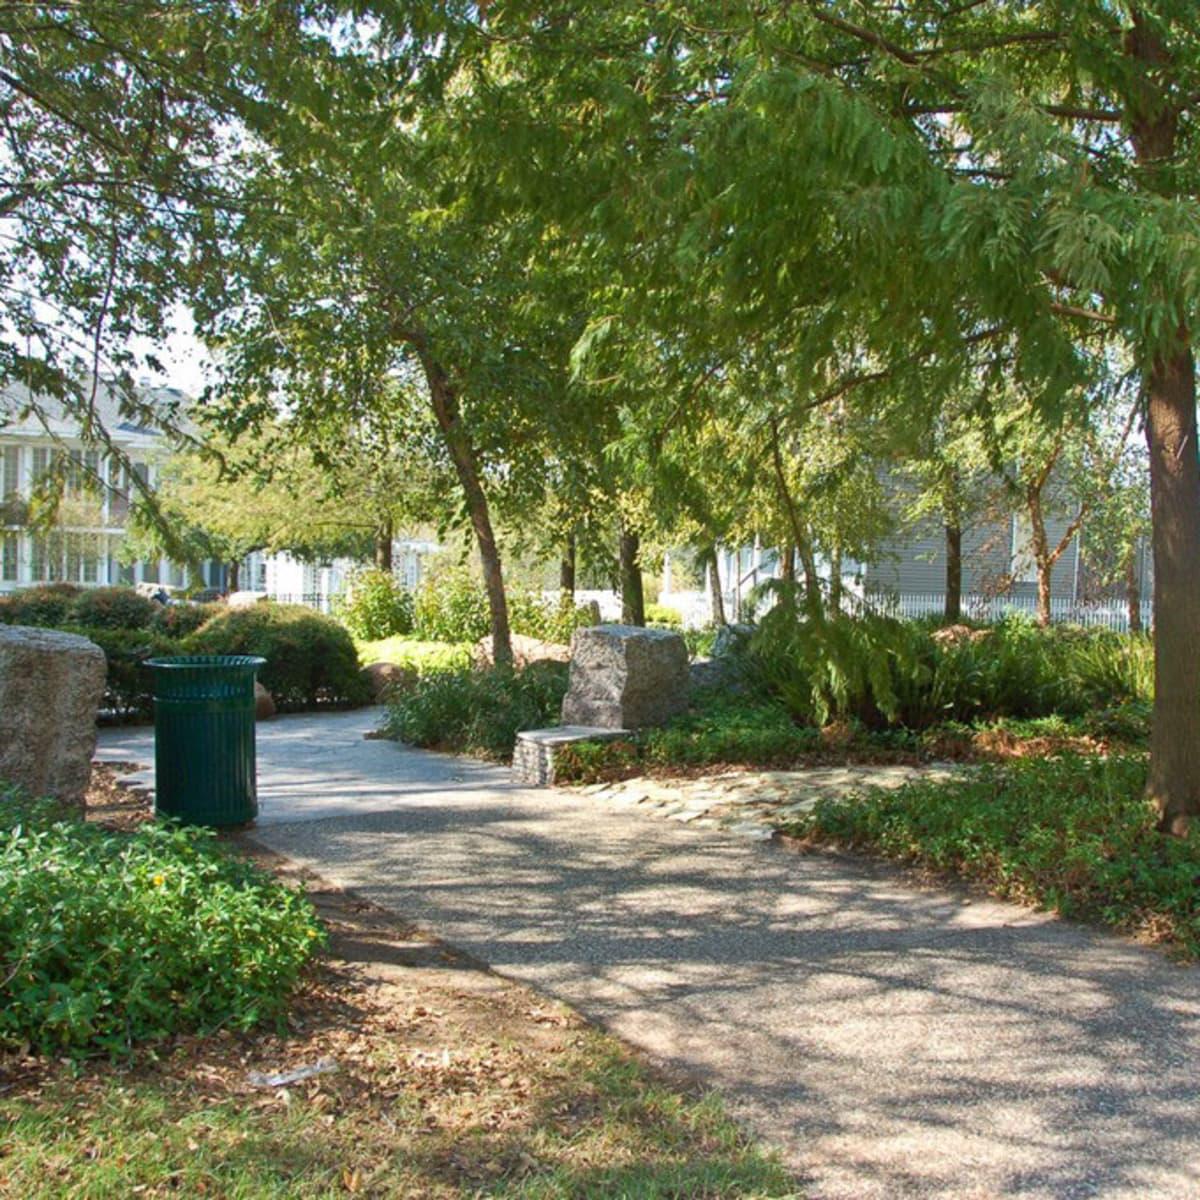 Places-Unique-Sam Houston Park-sidewalk-1